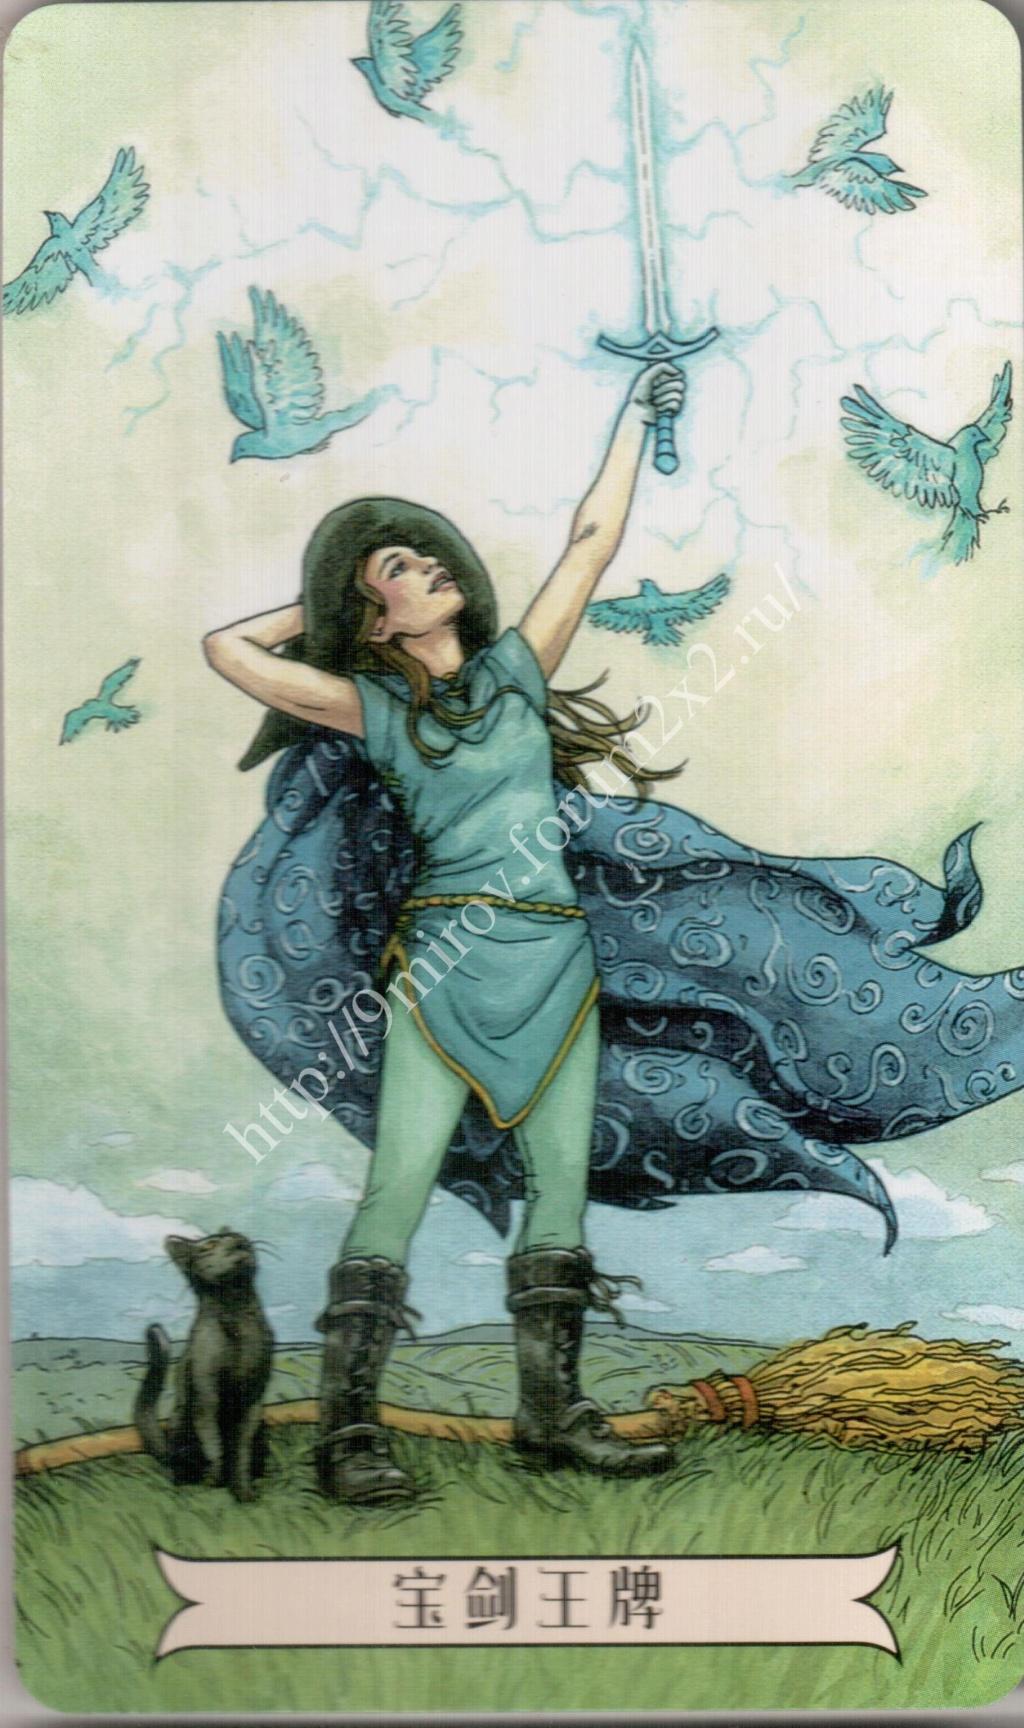 """""""Ведьма каждый день"""" (Ведьма день за днем, Everyday Witch Tarot). Китайская версия. Галерея.   Waterm56"""